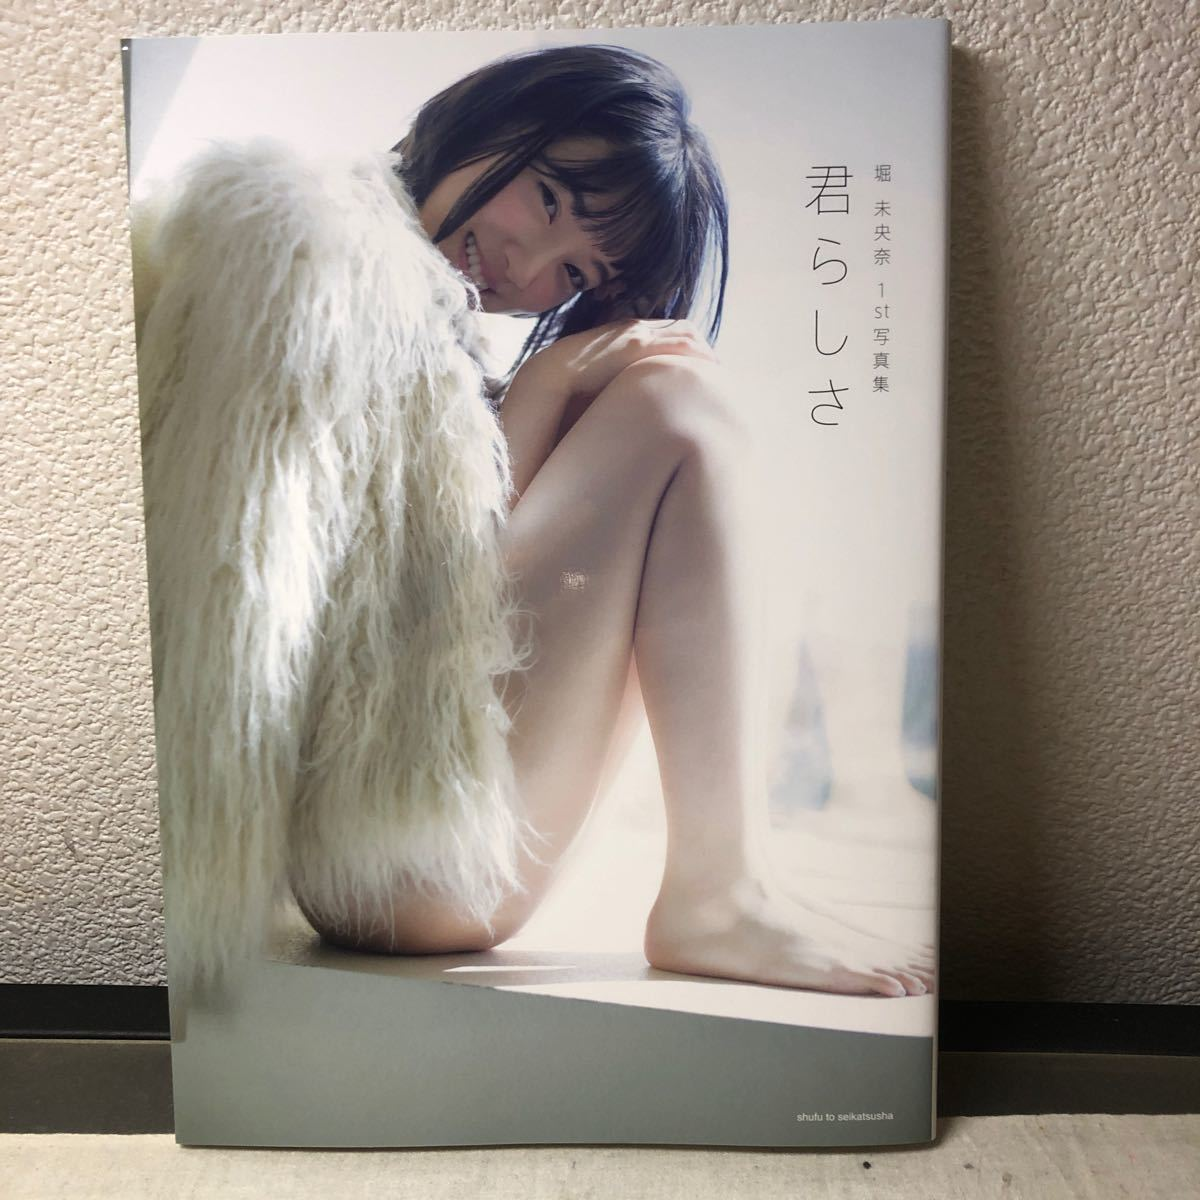 堀未央奈 ファースト写真集 乃木坂46